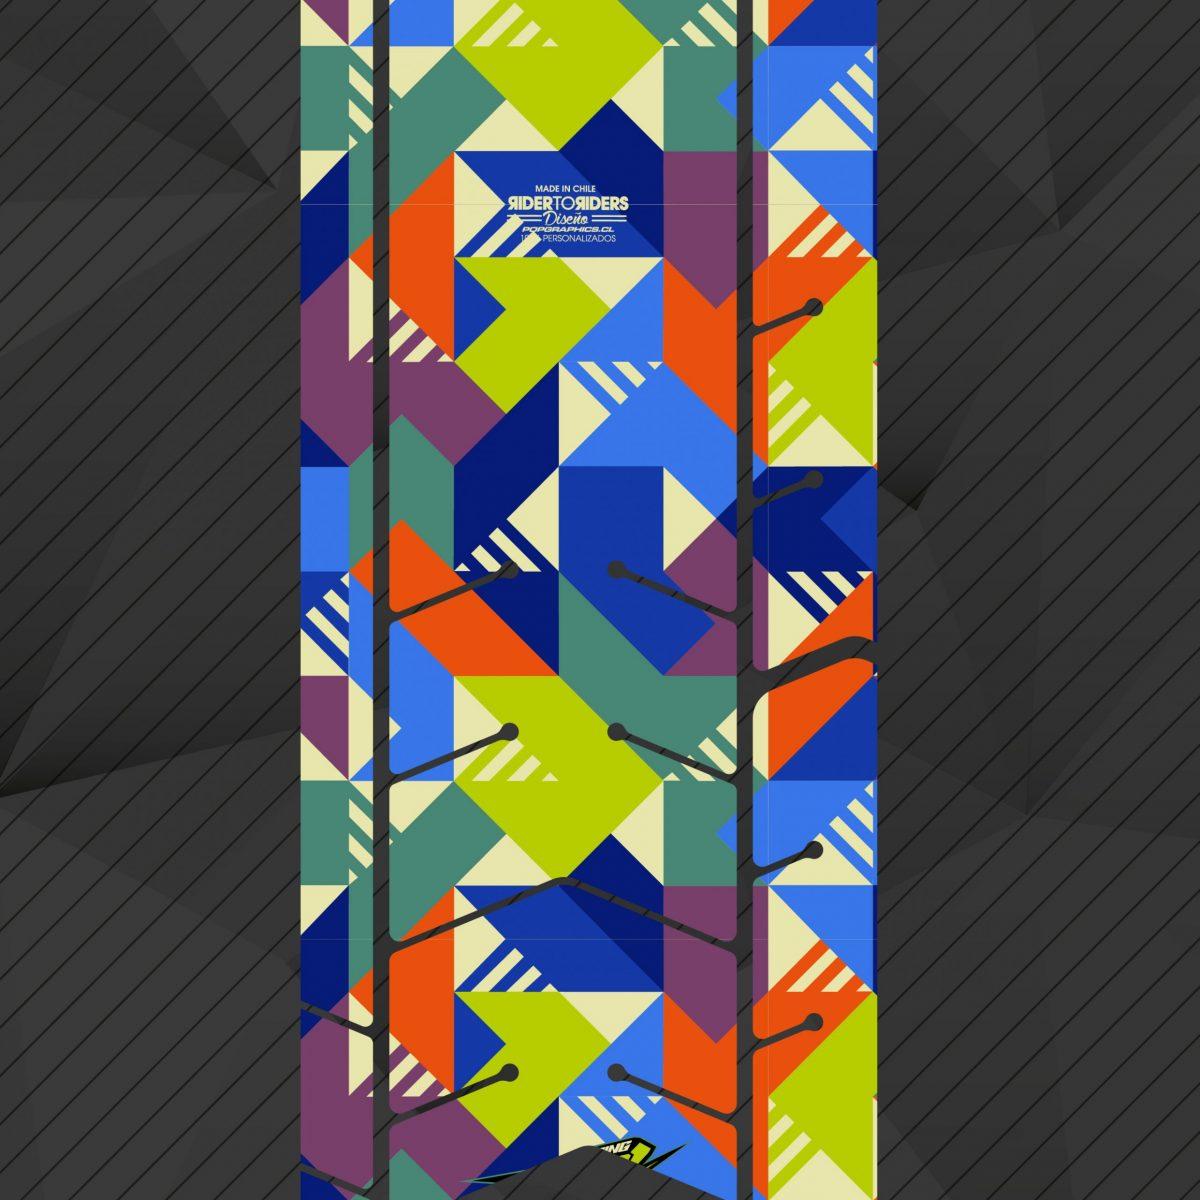 Protector cuadrados colores